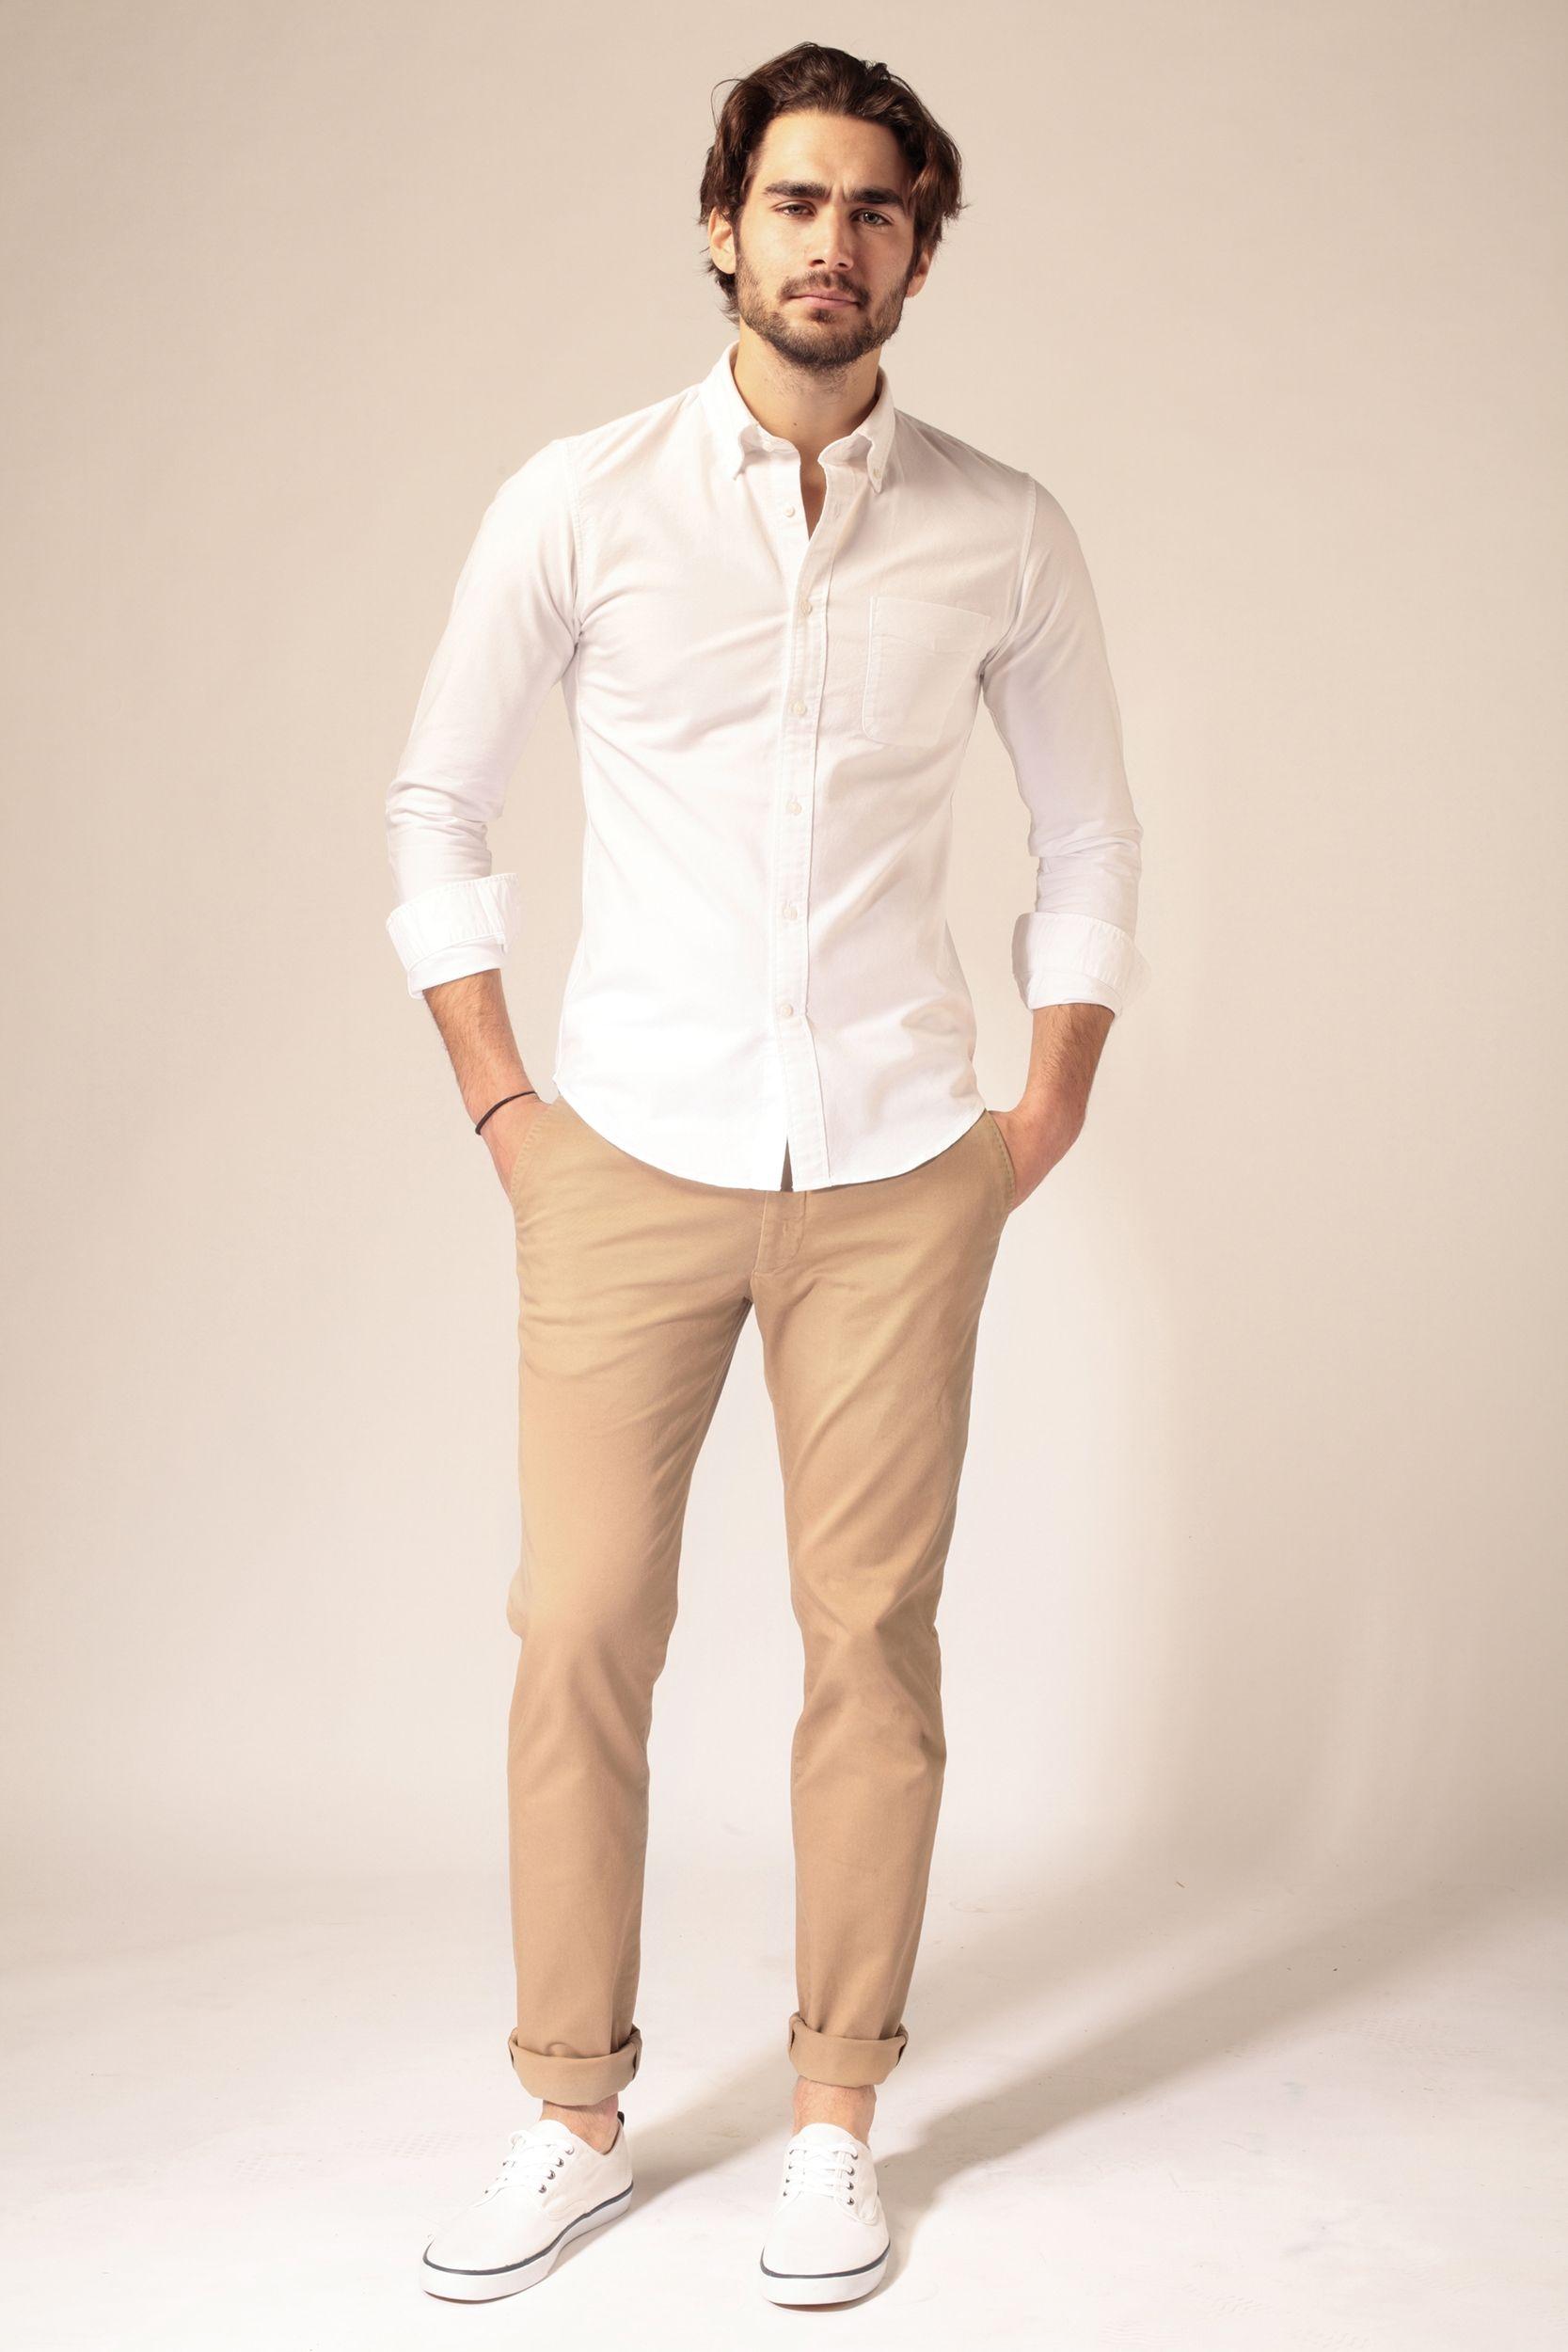 Lepantalon pantalon chino beige homme en vente sur le for Men a porter